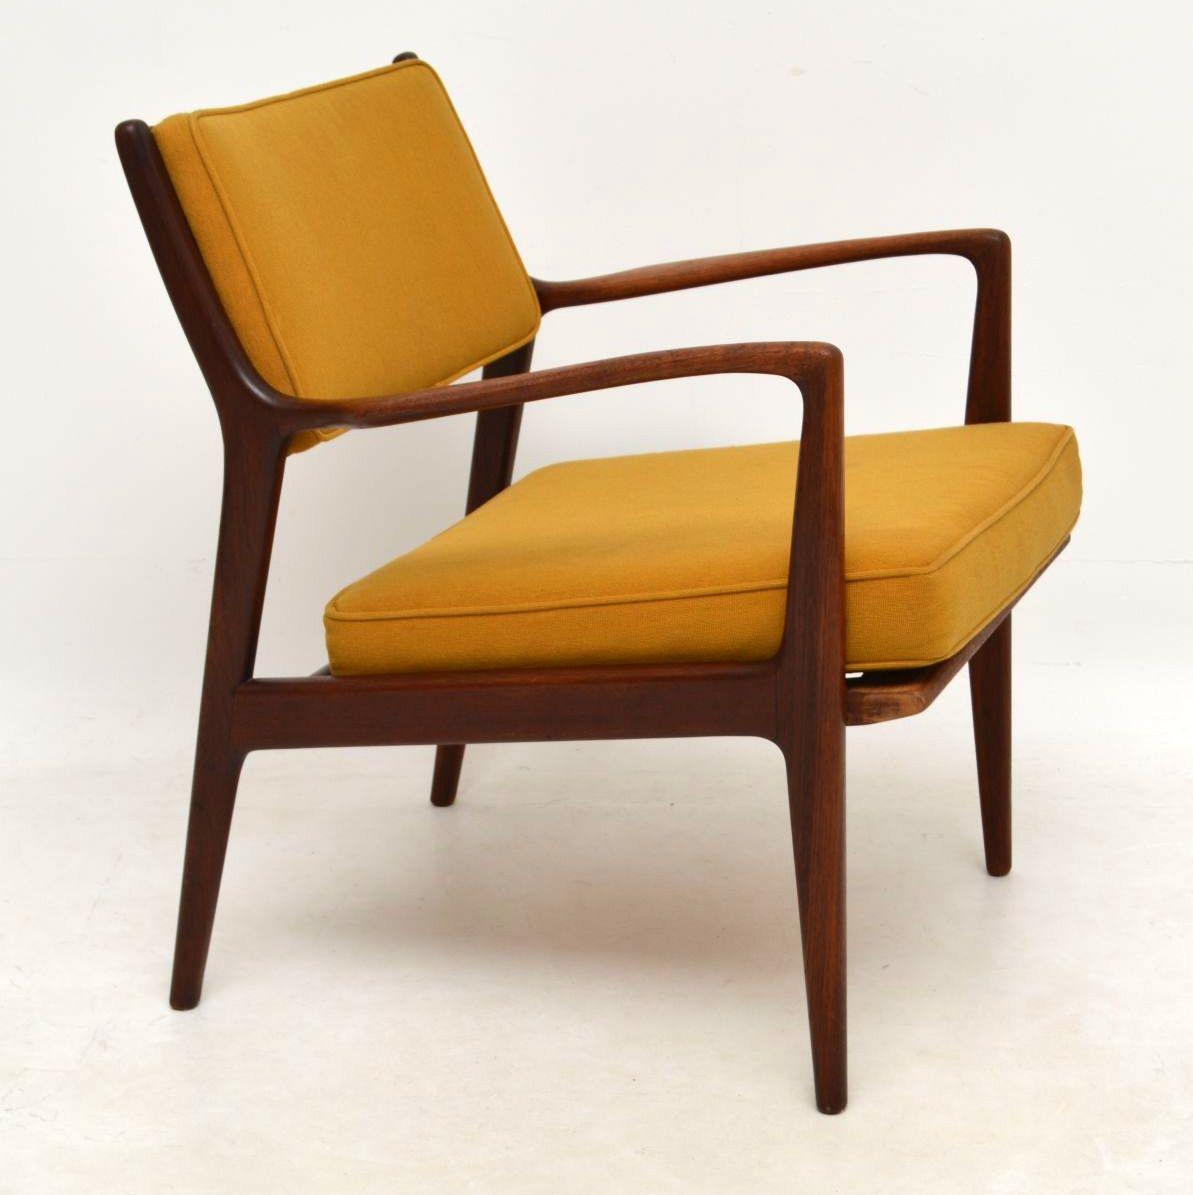 1960's Swedish Vintage Teak Armchair by Karl-Erik Ekselius